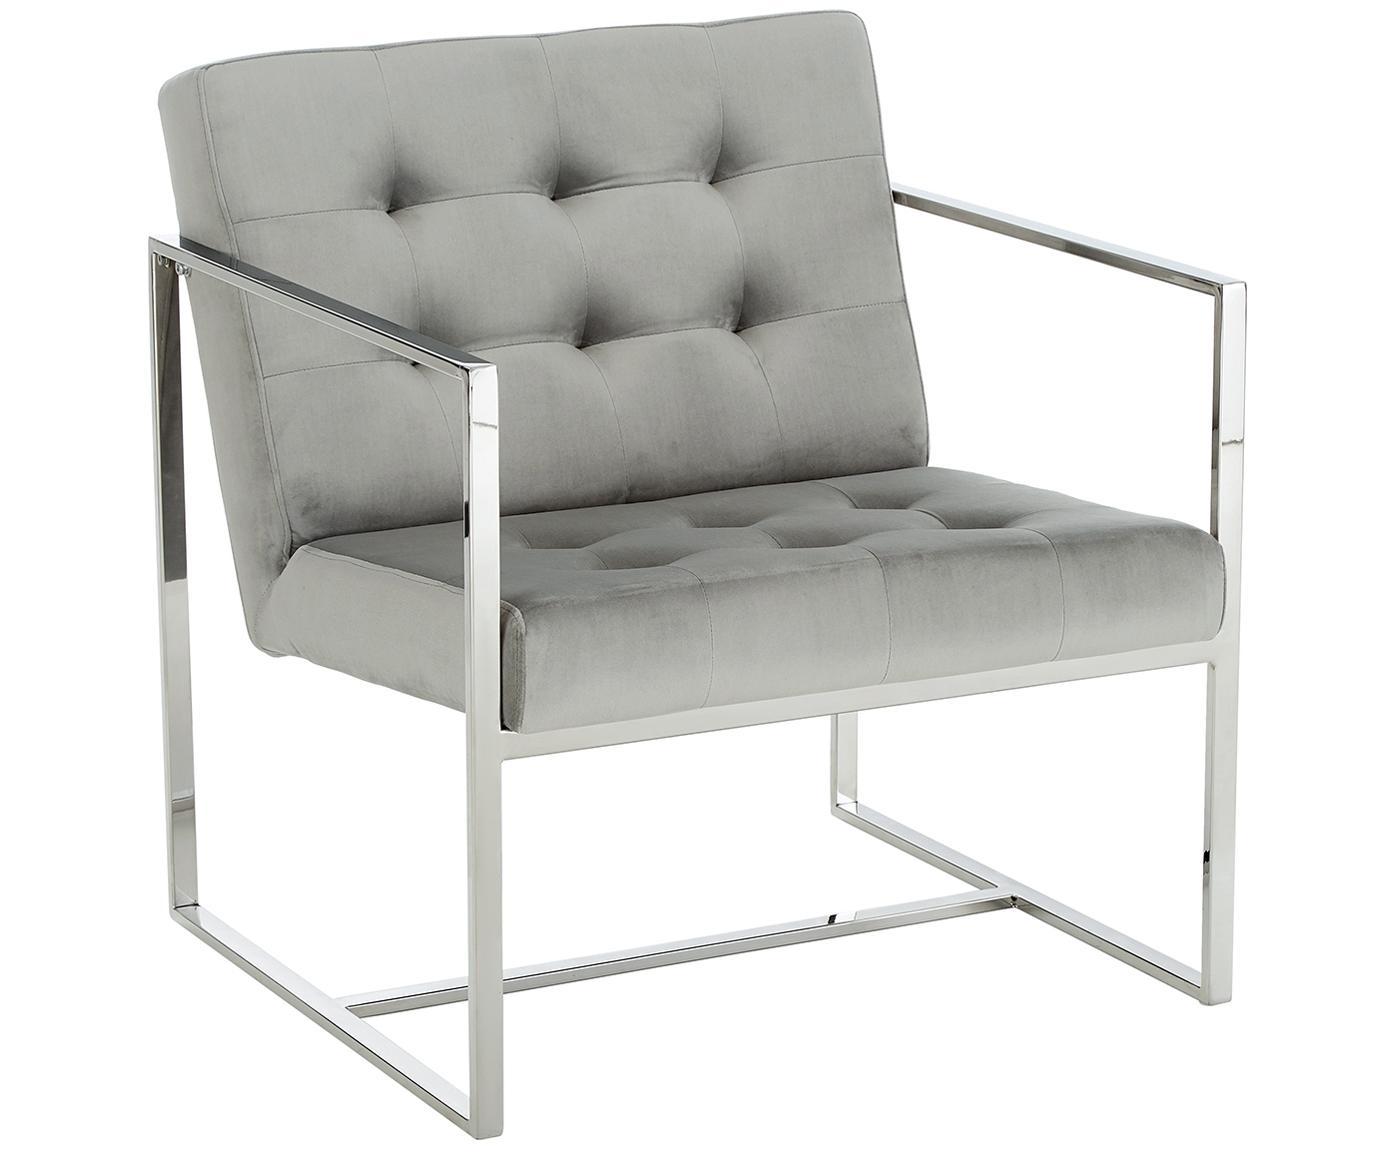 Fotel wypoczynkowy z aksamitu Manhattan, Tapicerka: aksamit (poliester) 30 00, Stelaż: metal galwanizowany, Aksamitny szary, S 70 x G 72 cm